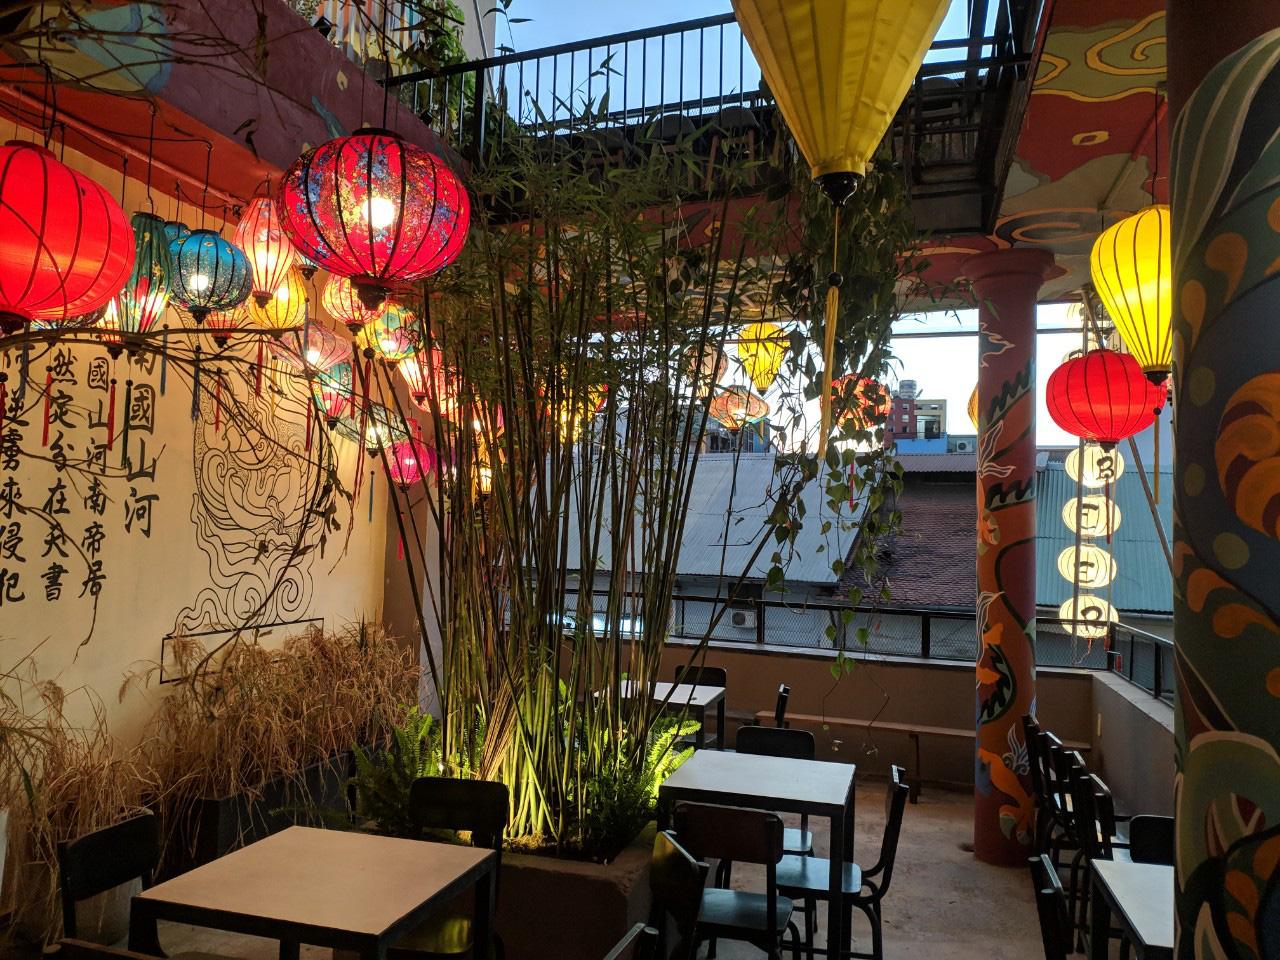 Quán chill mang phong cách Đại Việt nổi bật giữa khu vui chơi sầm uất bậc nhất Sài thành - Ảnh 2.